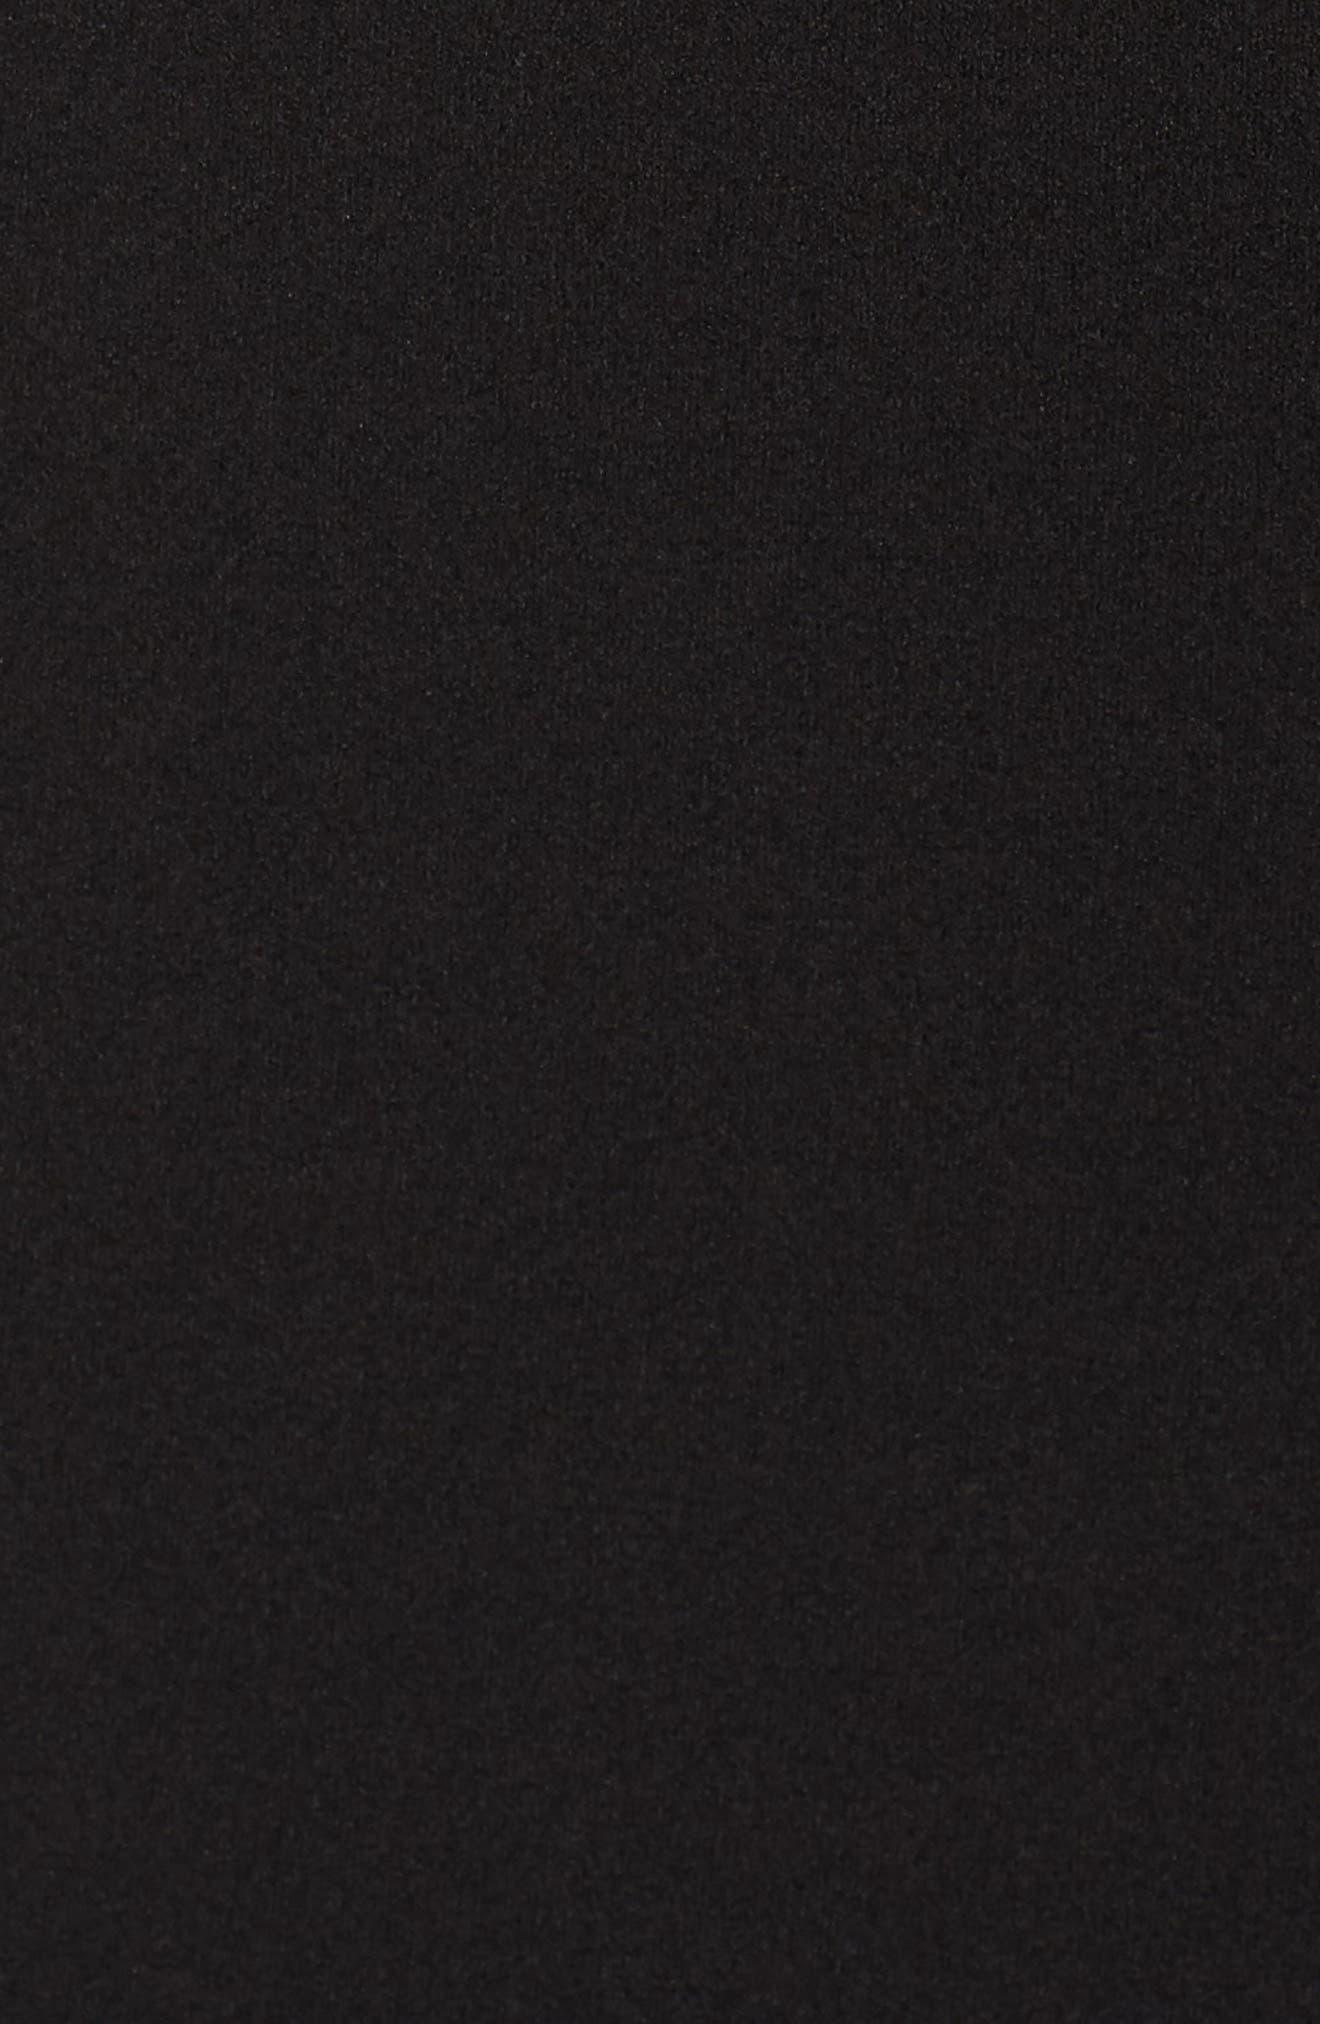 Lace Panel Trumpet Gown,                             Alternate thumbnail 6, color,                             BLACK TAN